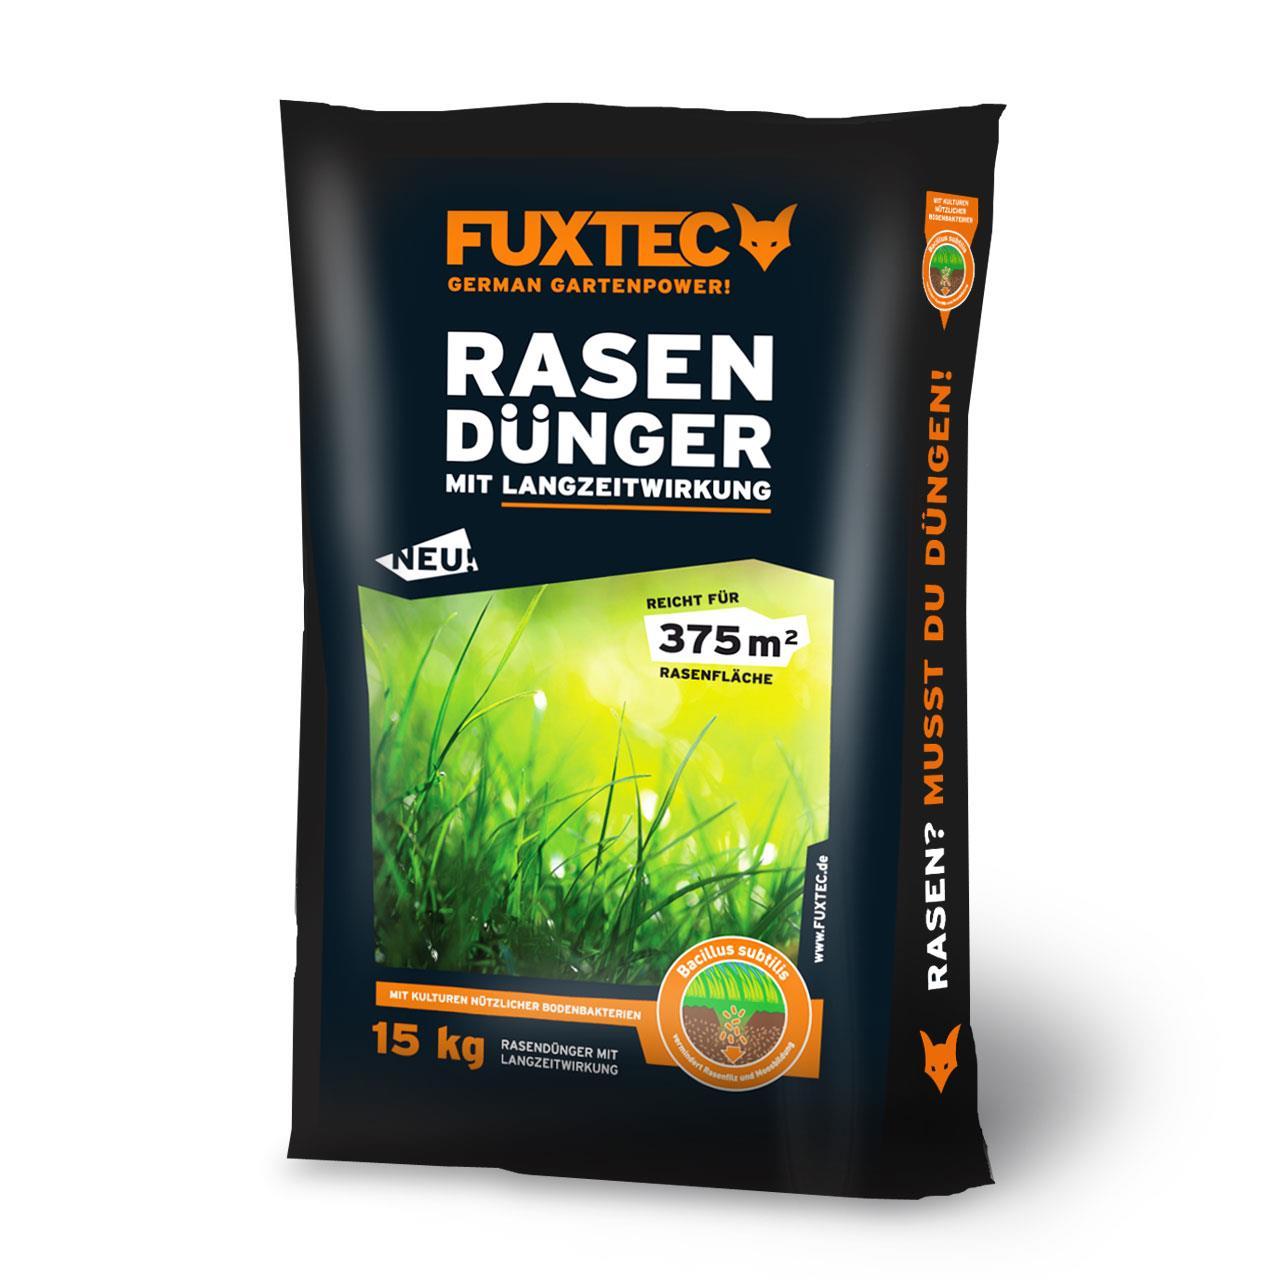 FUXTEC Rasendünger mit Langzeitwirkung 15 Kg